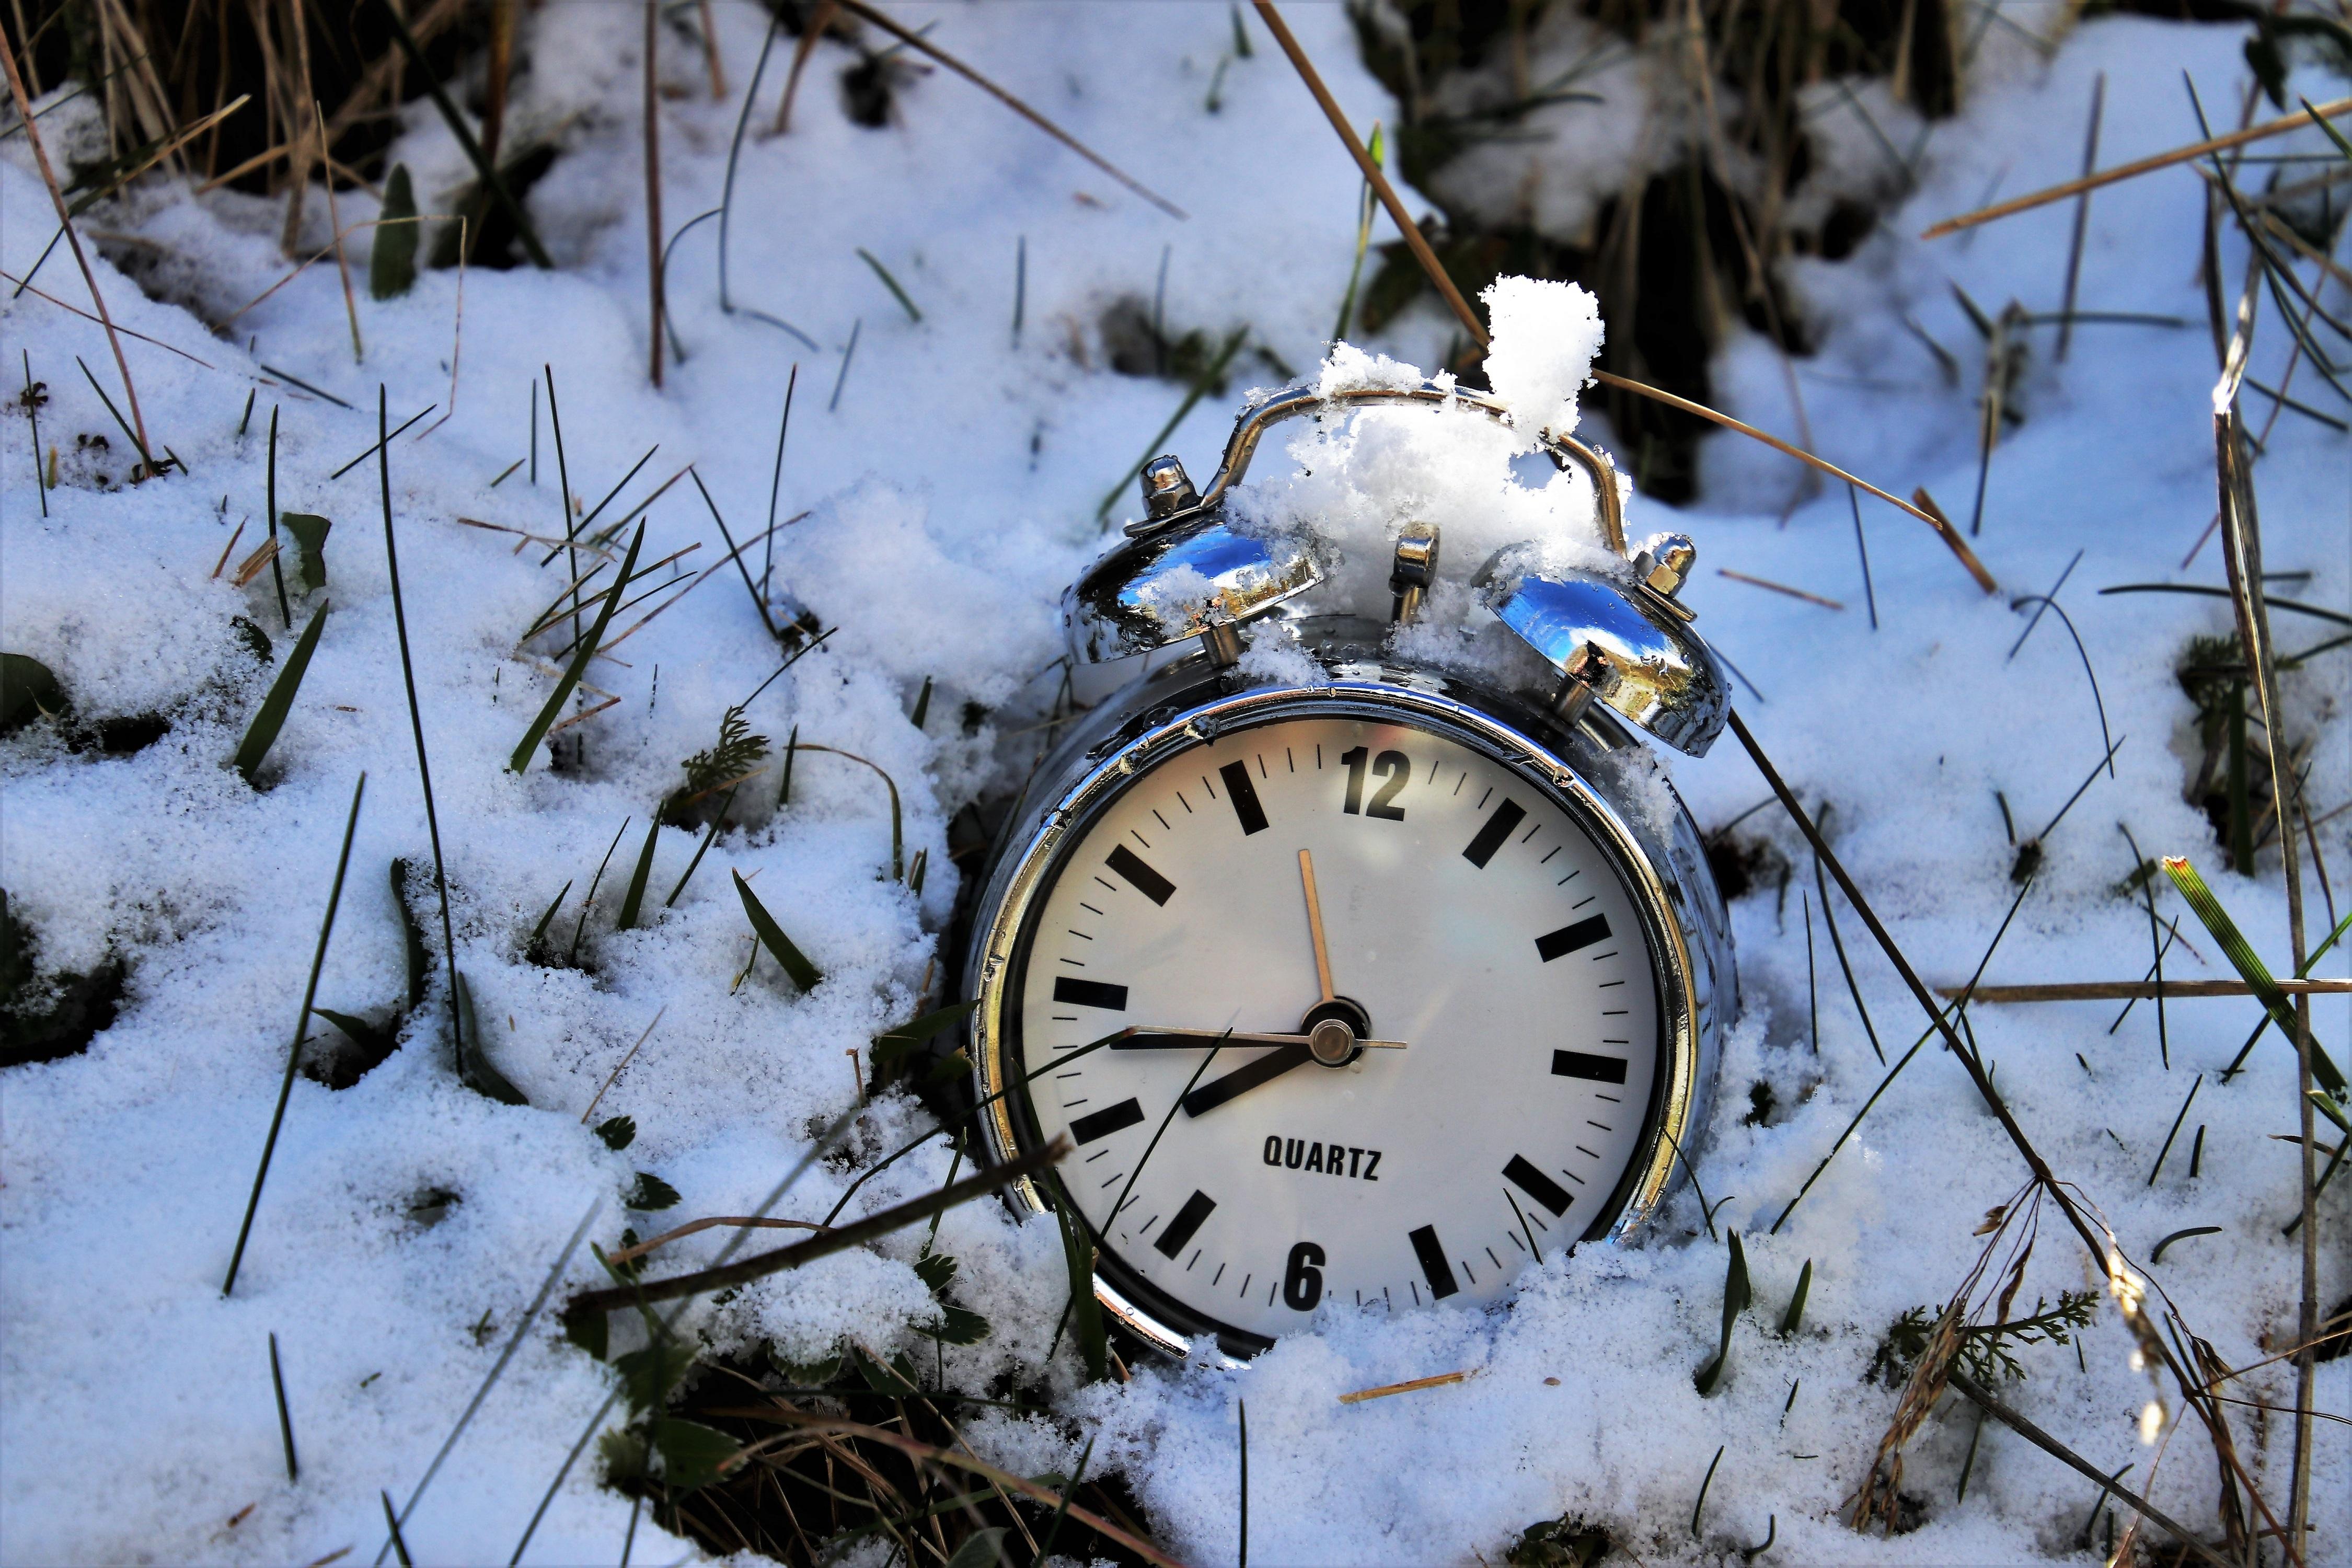 овчинный зимние картинки с часами края которого сделаны